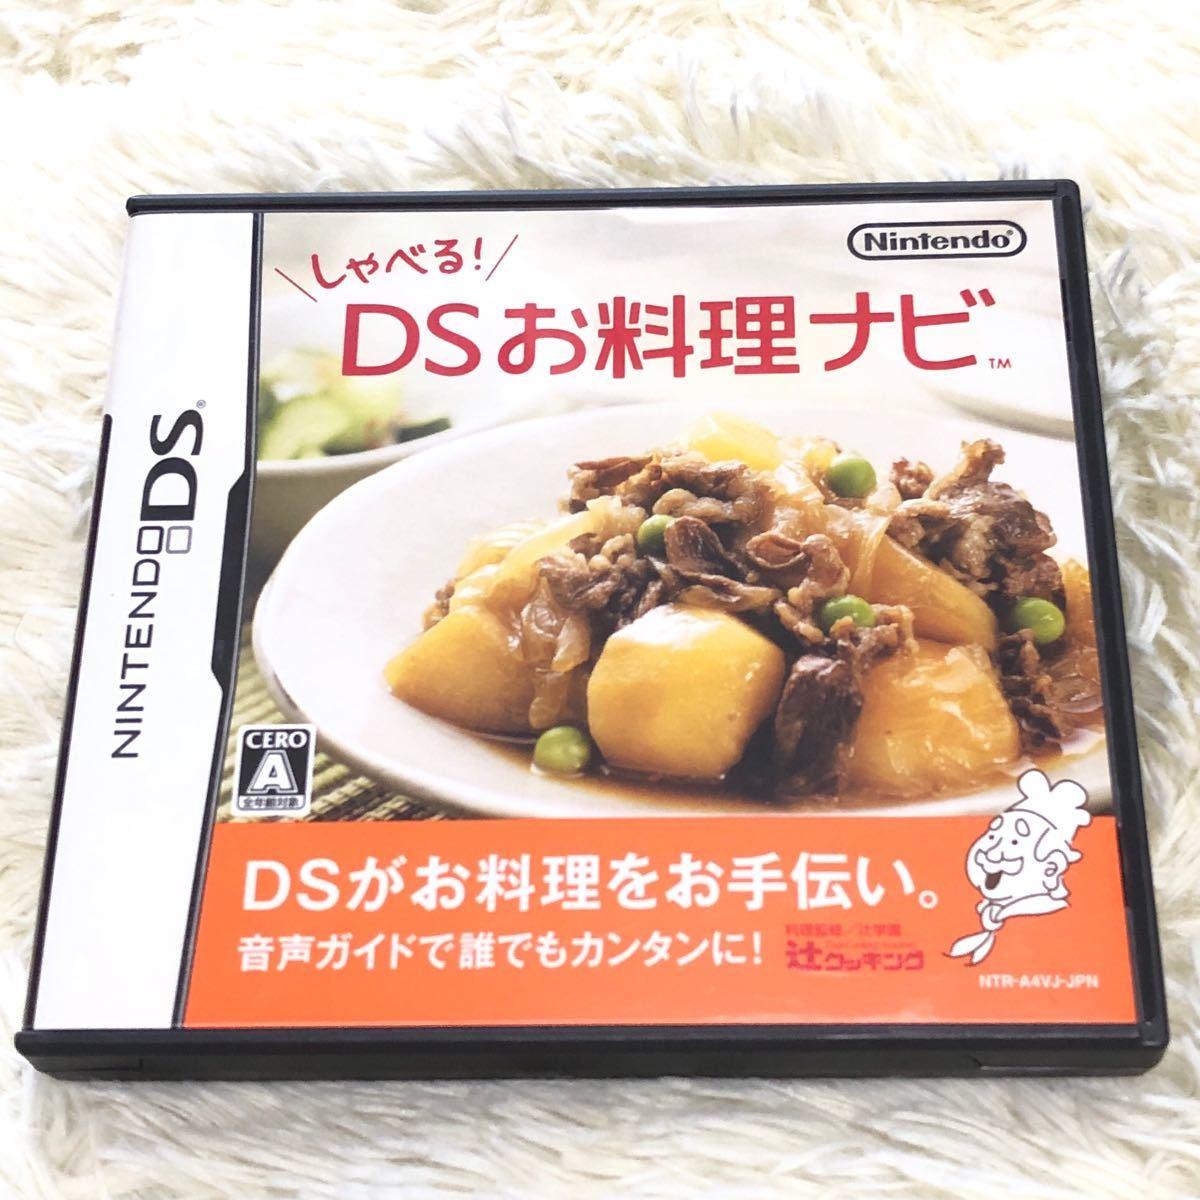 【 DSソフト しゃべる!DSお料理ナビ 】